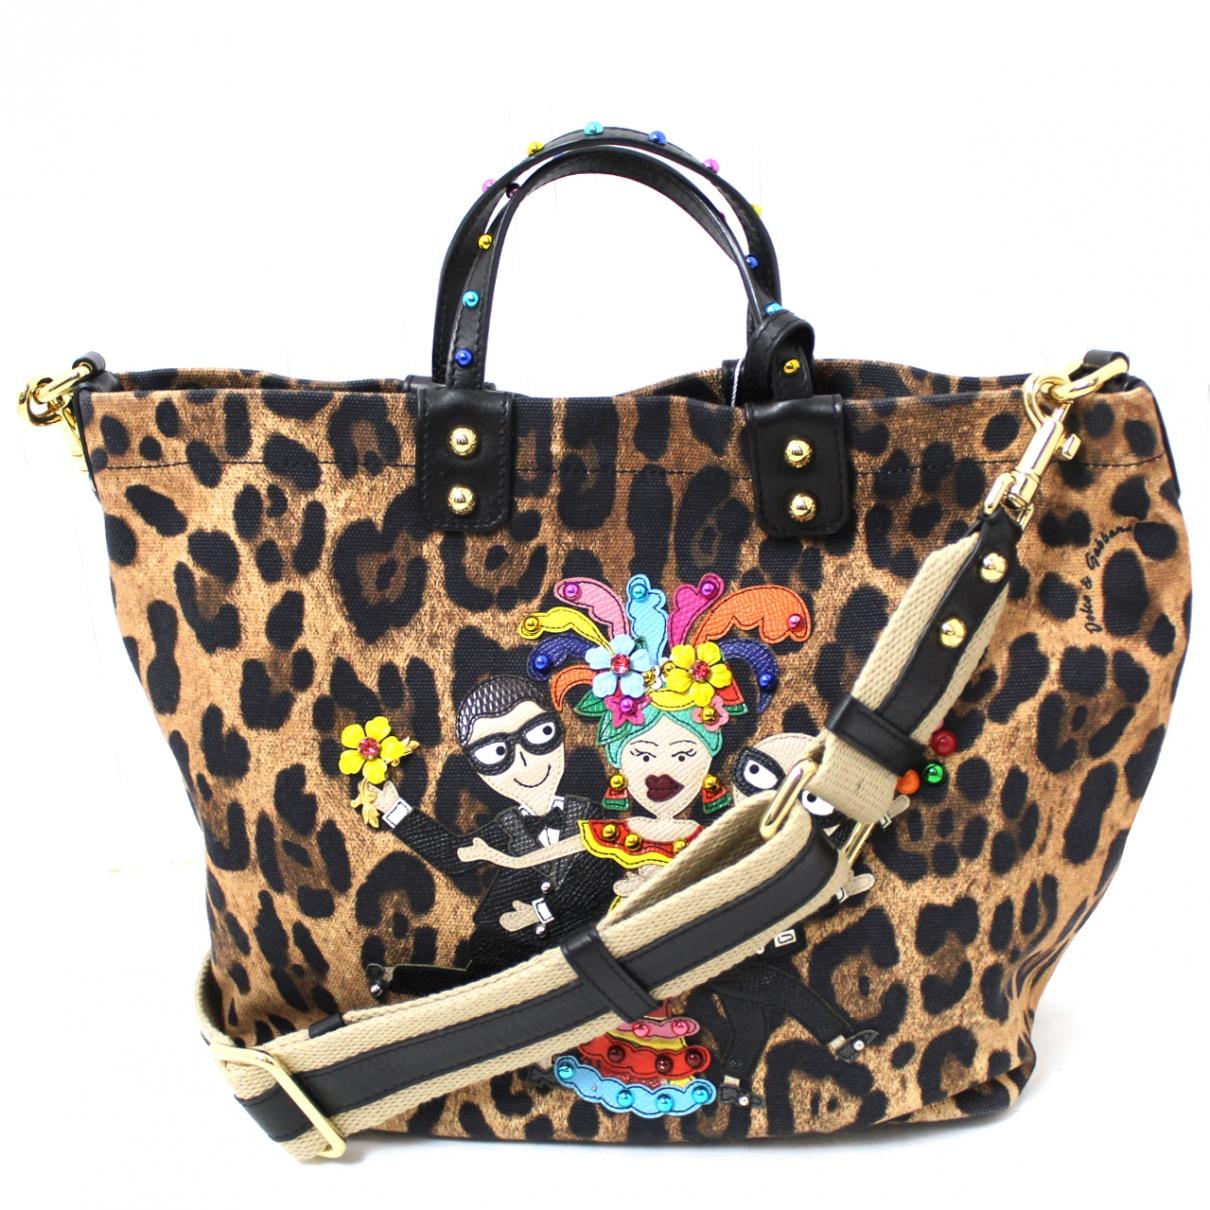 Dolce & Gabbana - Sac a main   pour femme en toile - multicolore